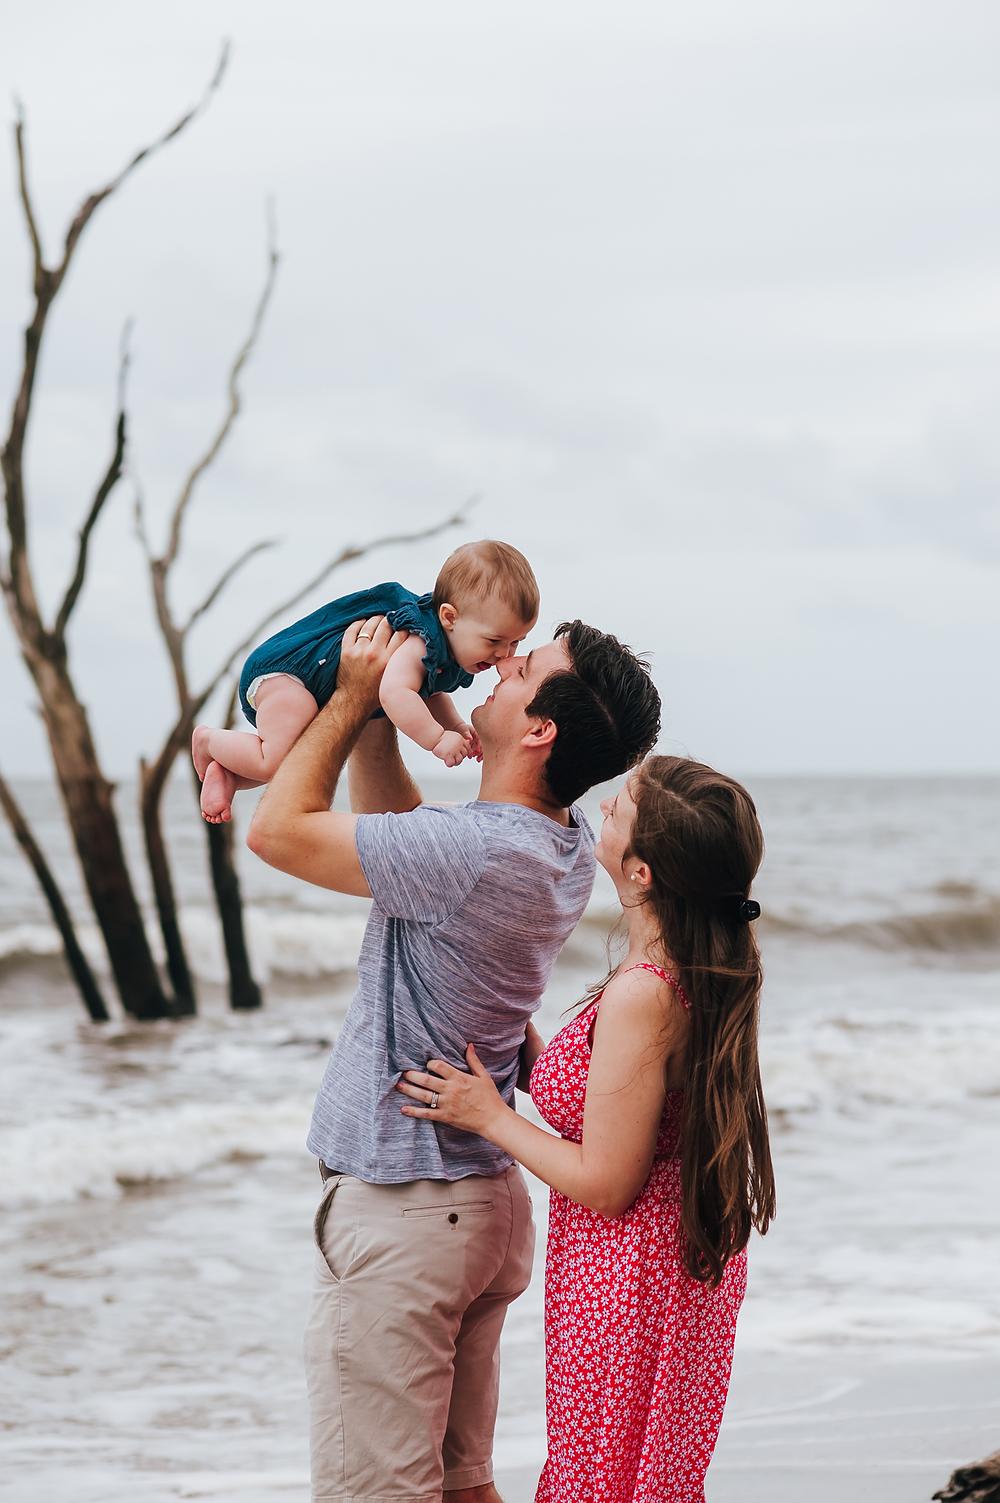 jacksonville's best family photographers